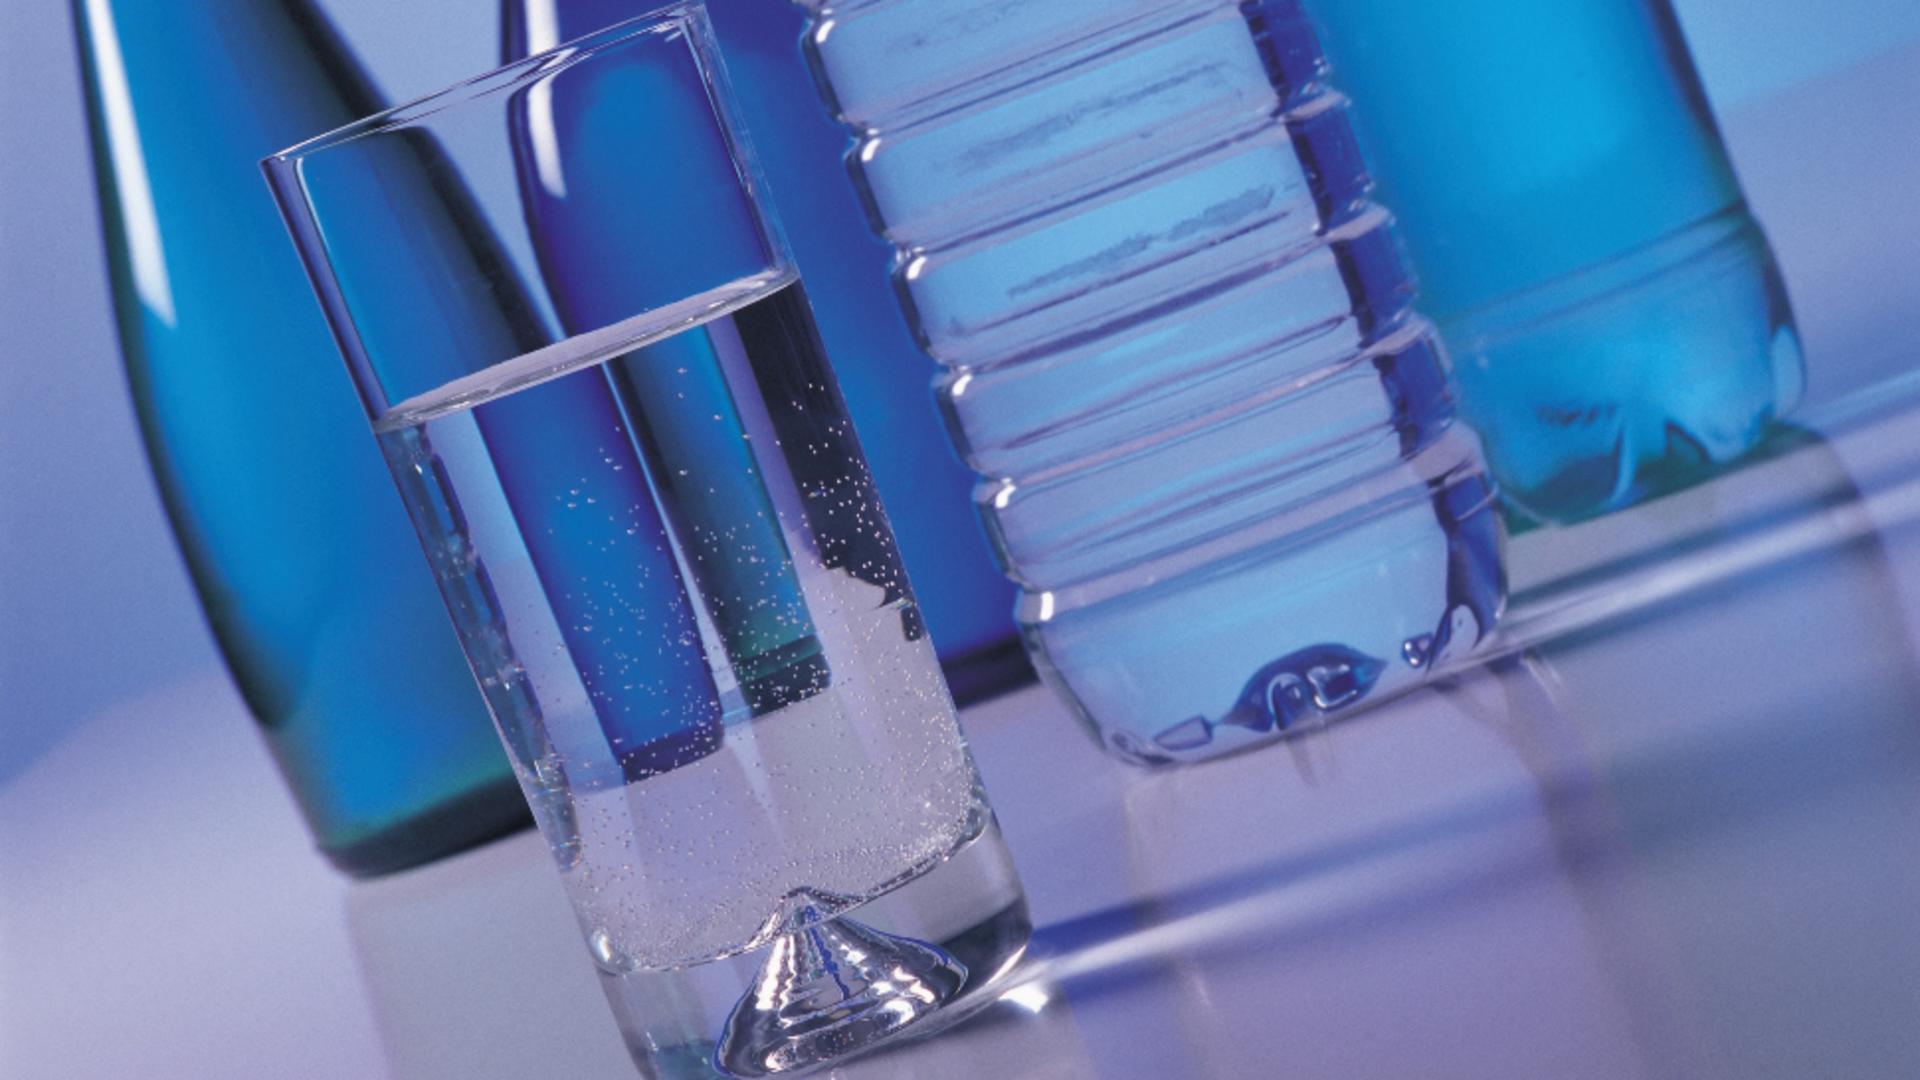 Apa la sticlă se va scumpi. Foto/Profimedia